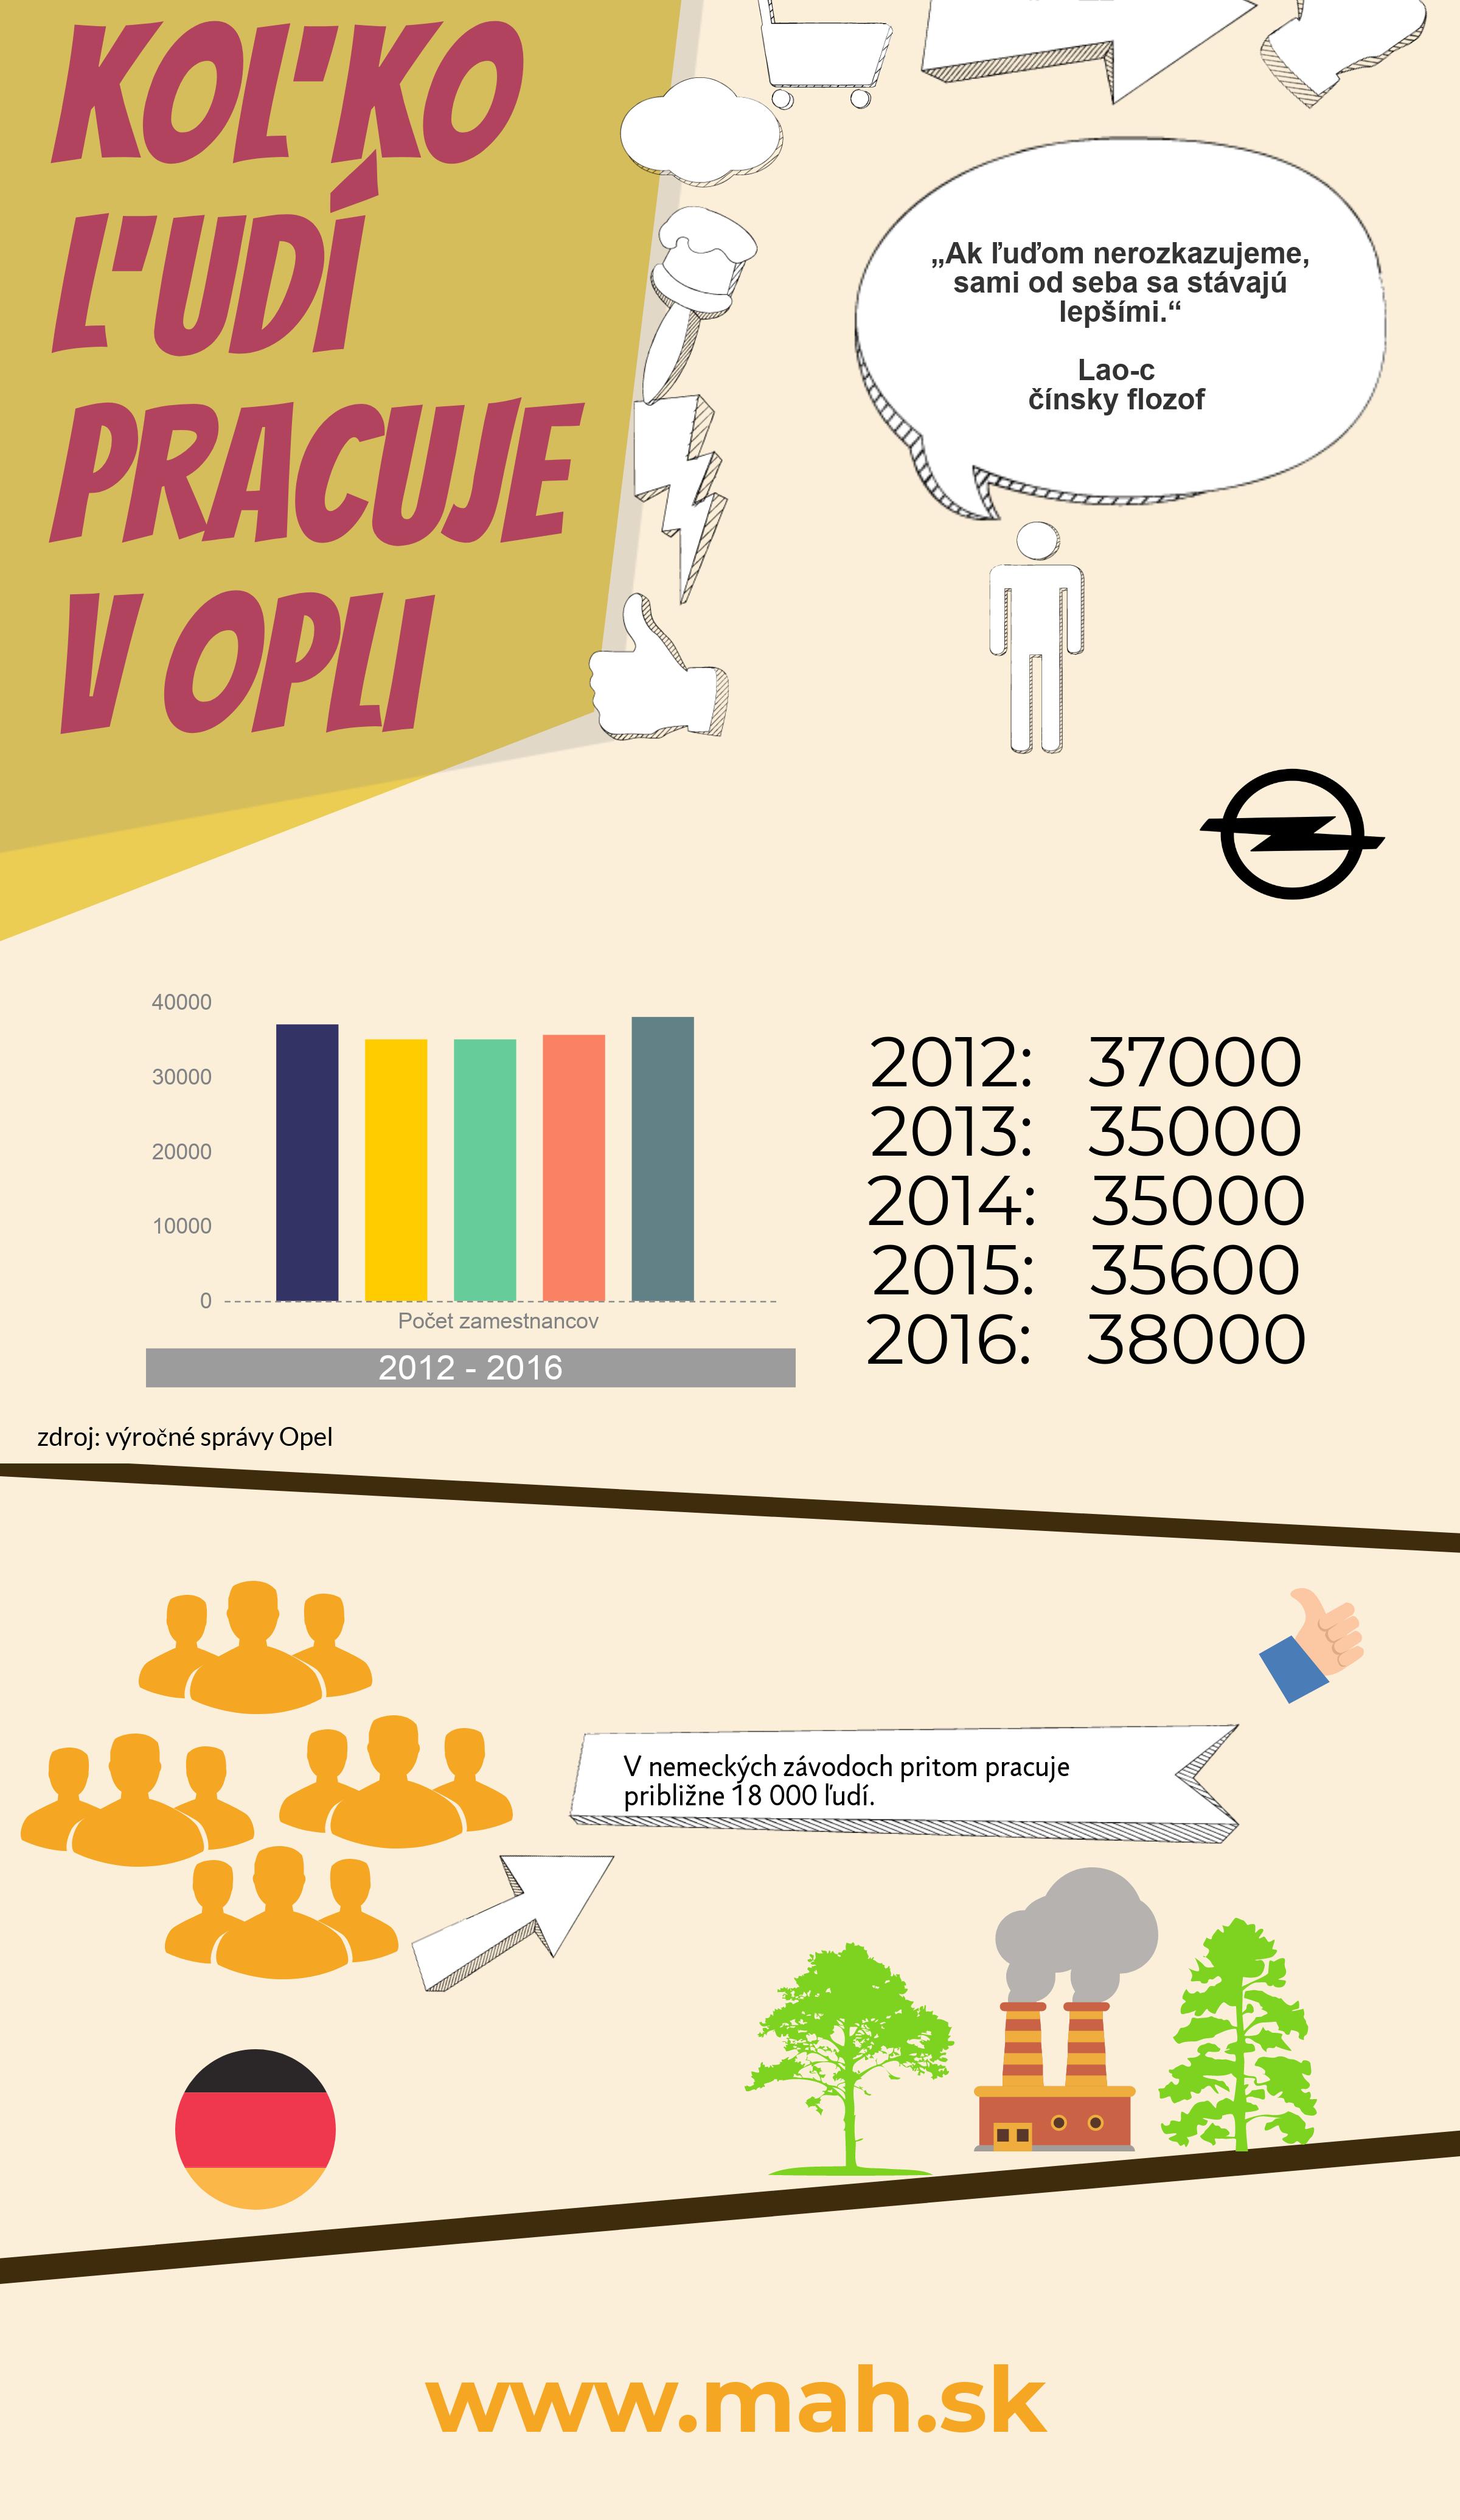 Koľko ľudí pracuje v Opli